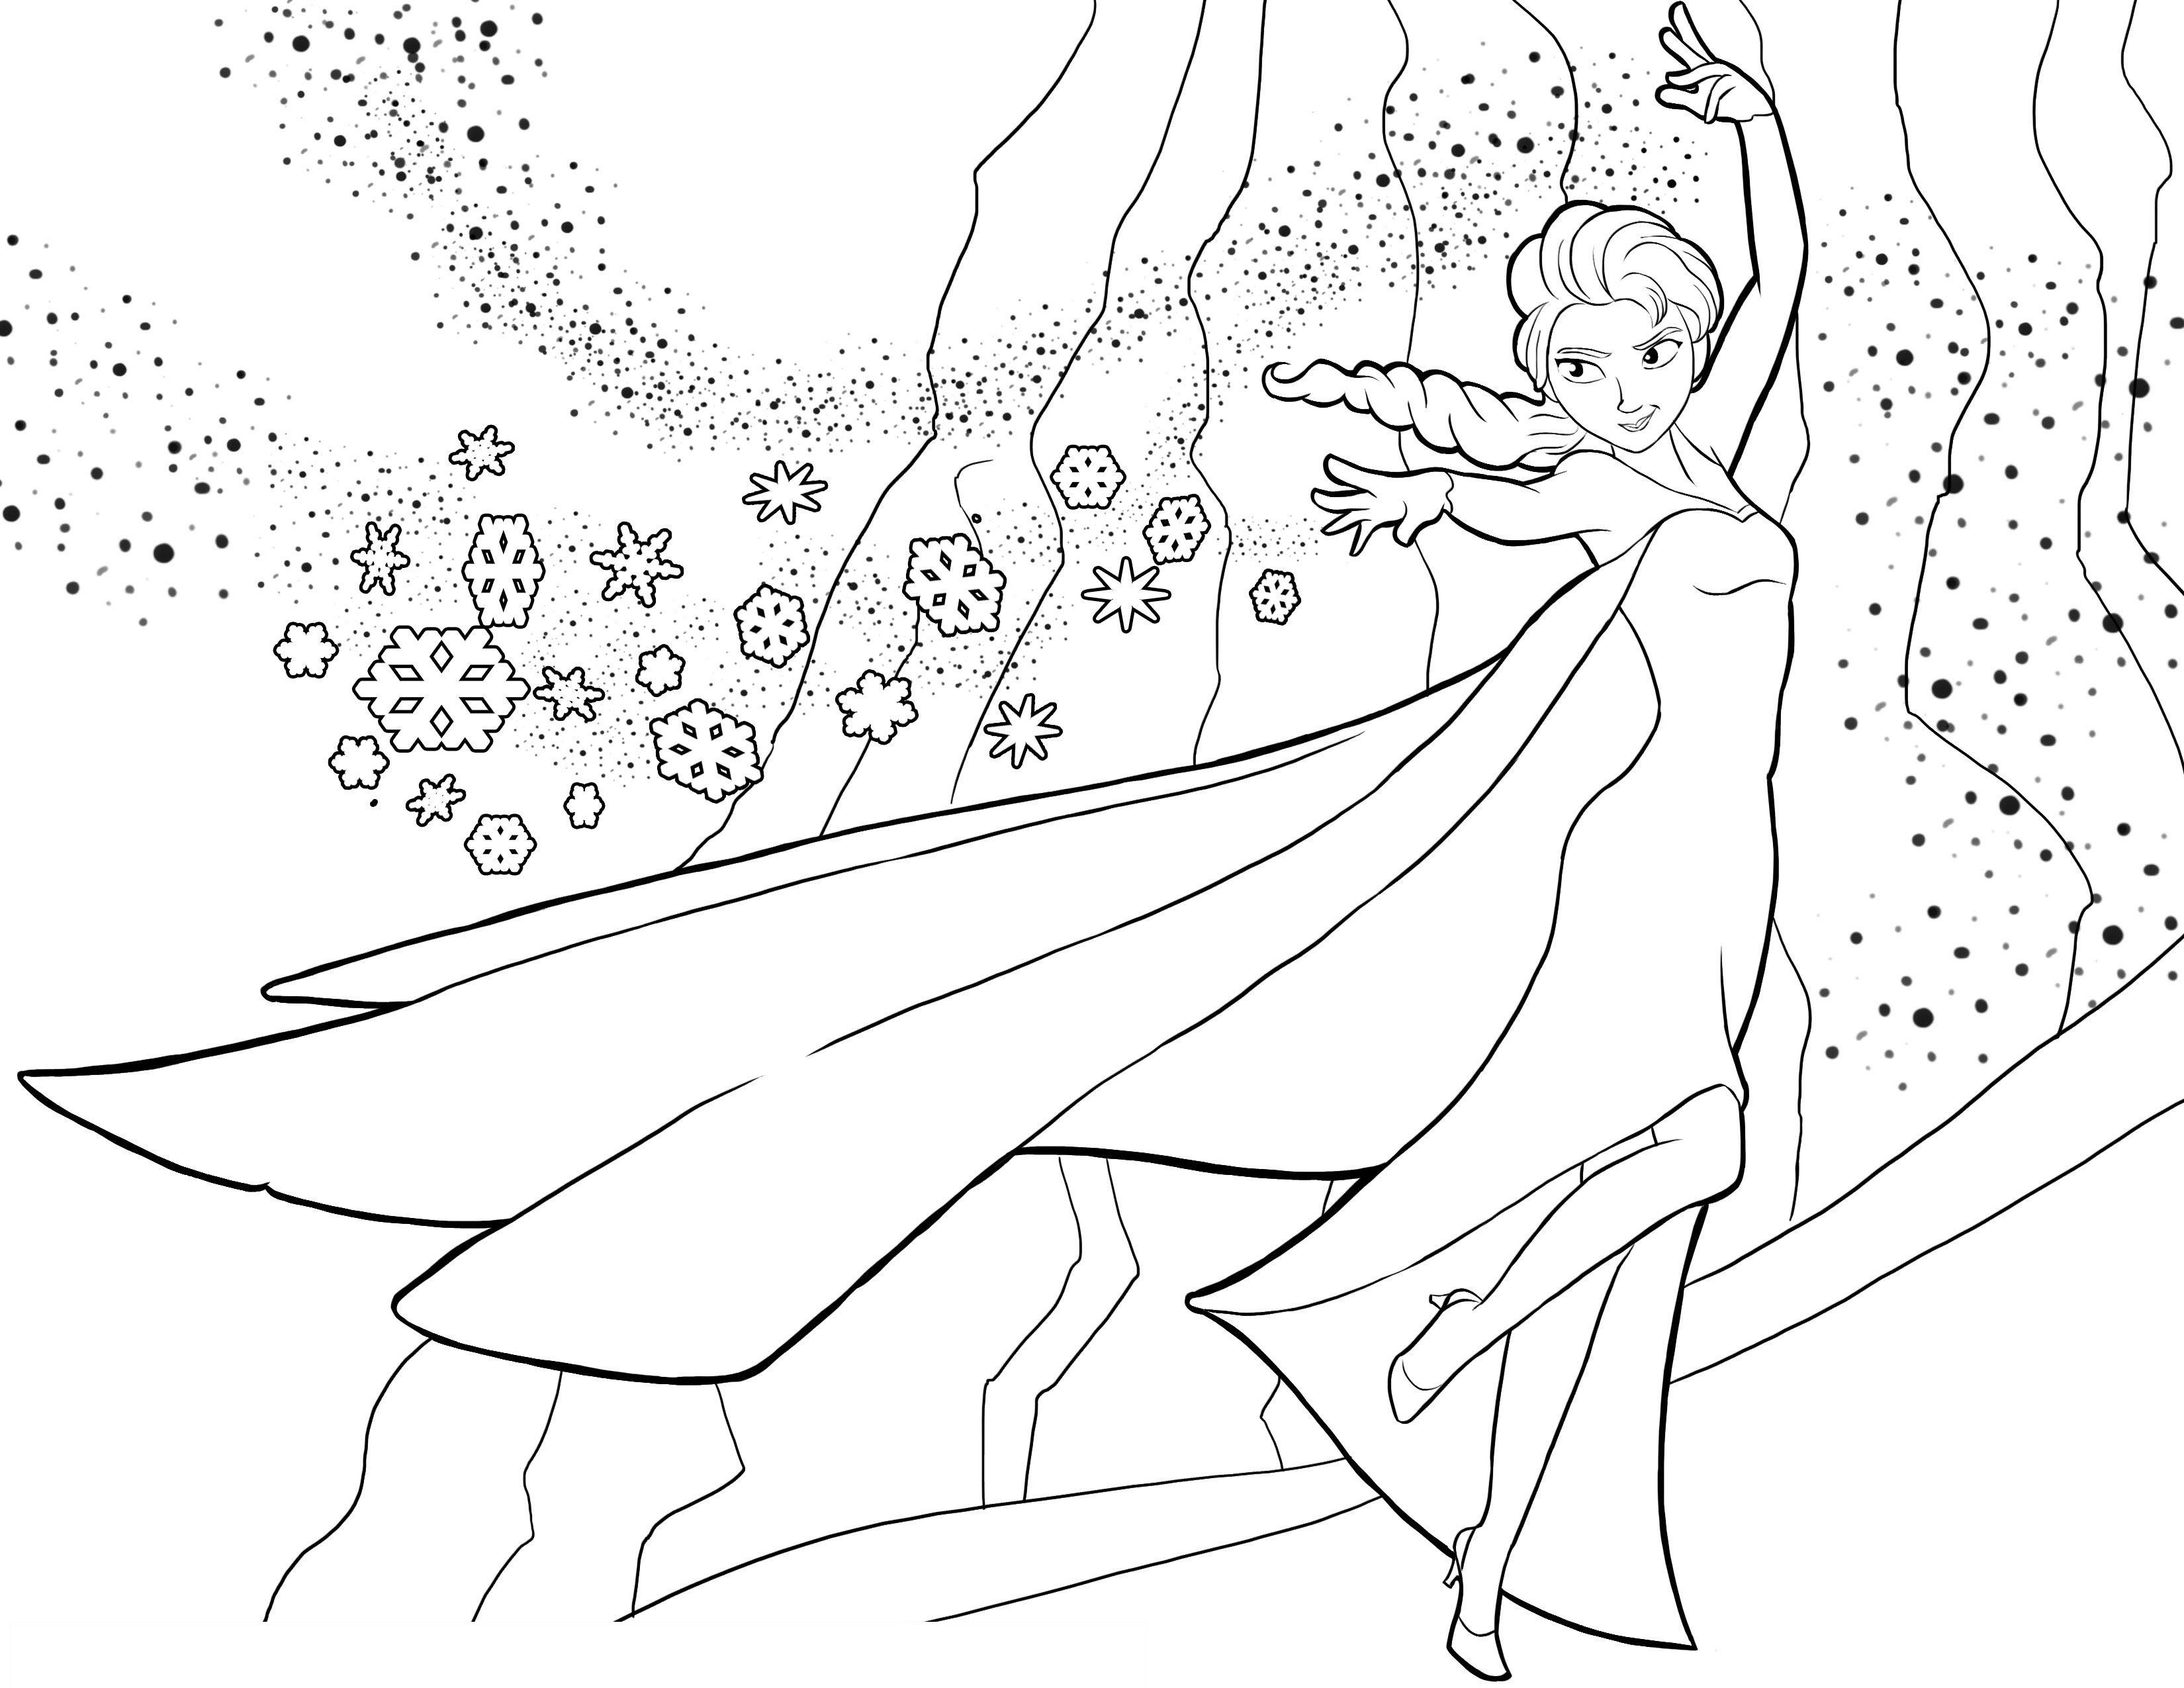 Tranh tô màu nữ hoàng băng Elsa cực đẹp cho bé